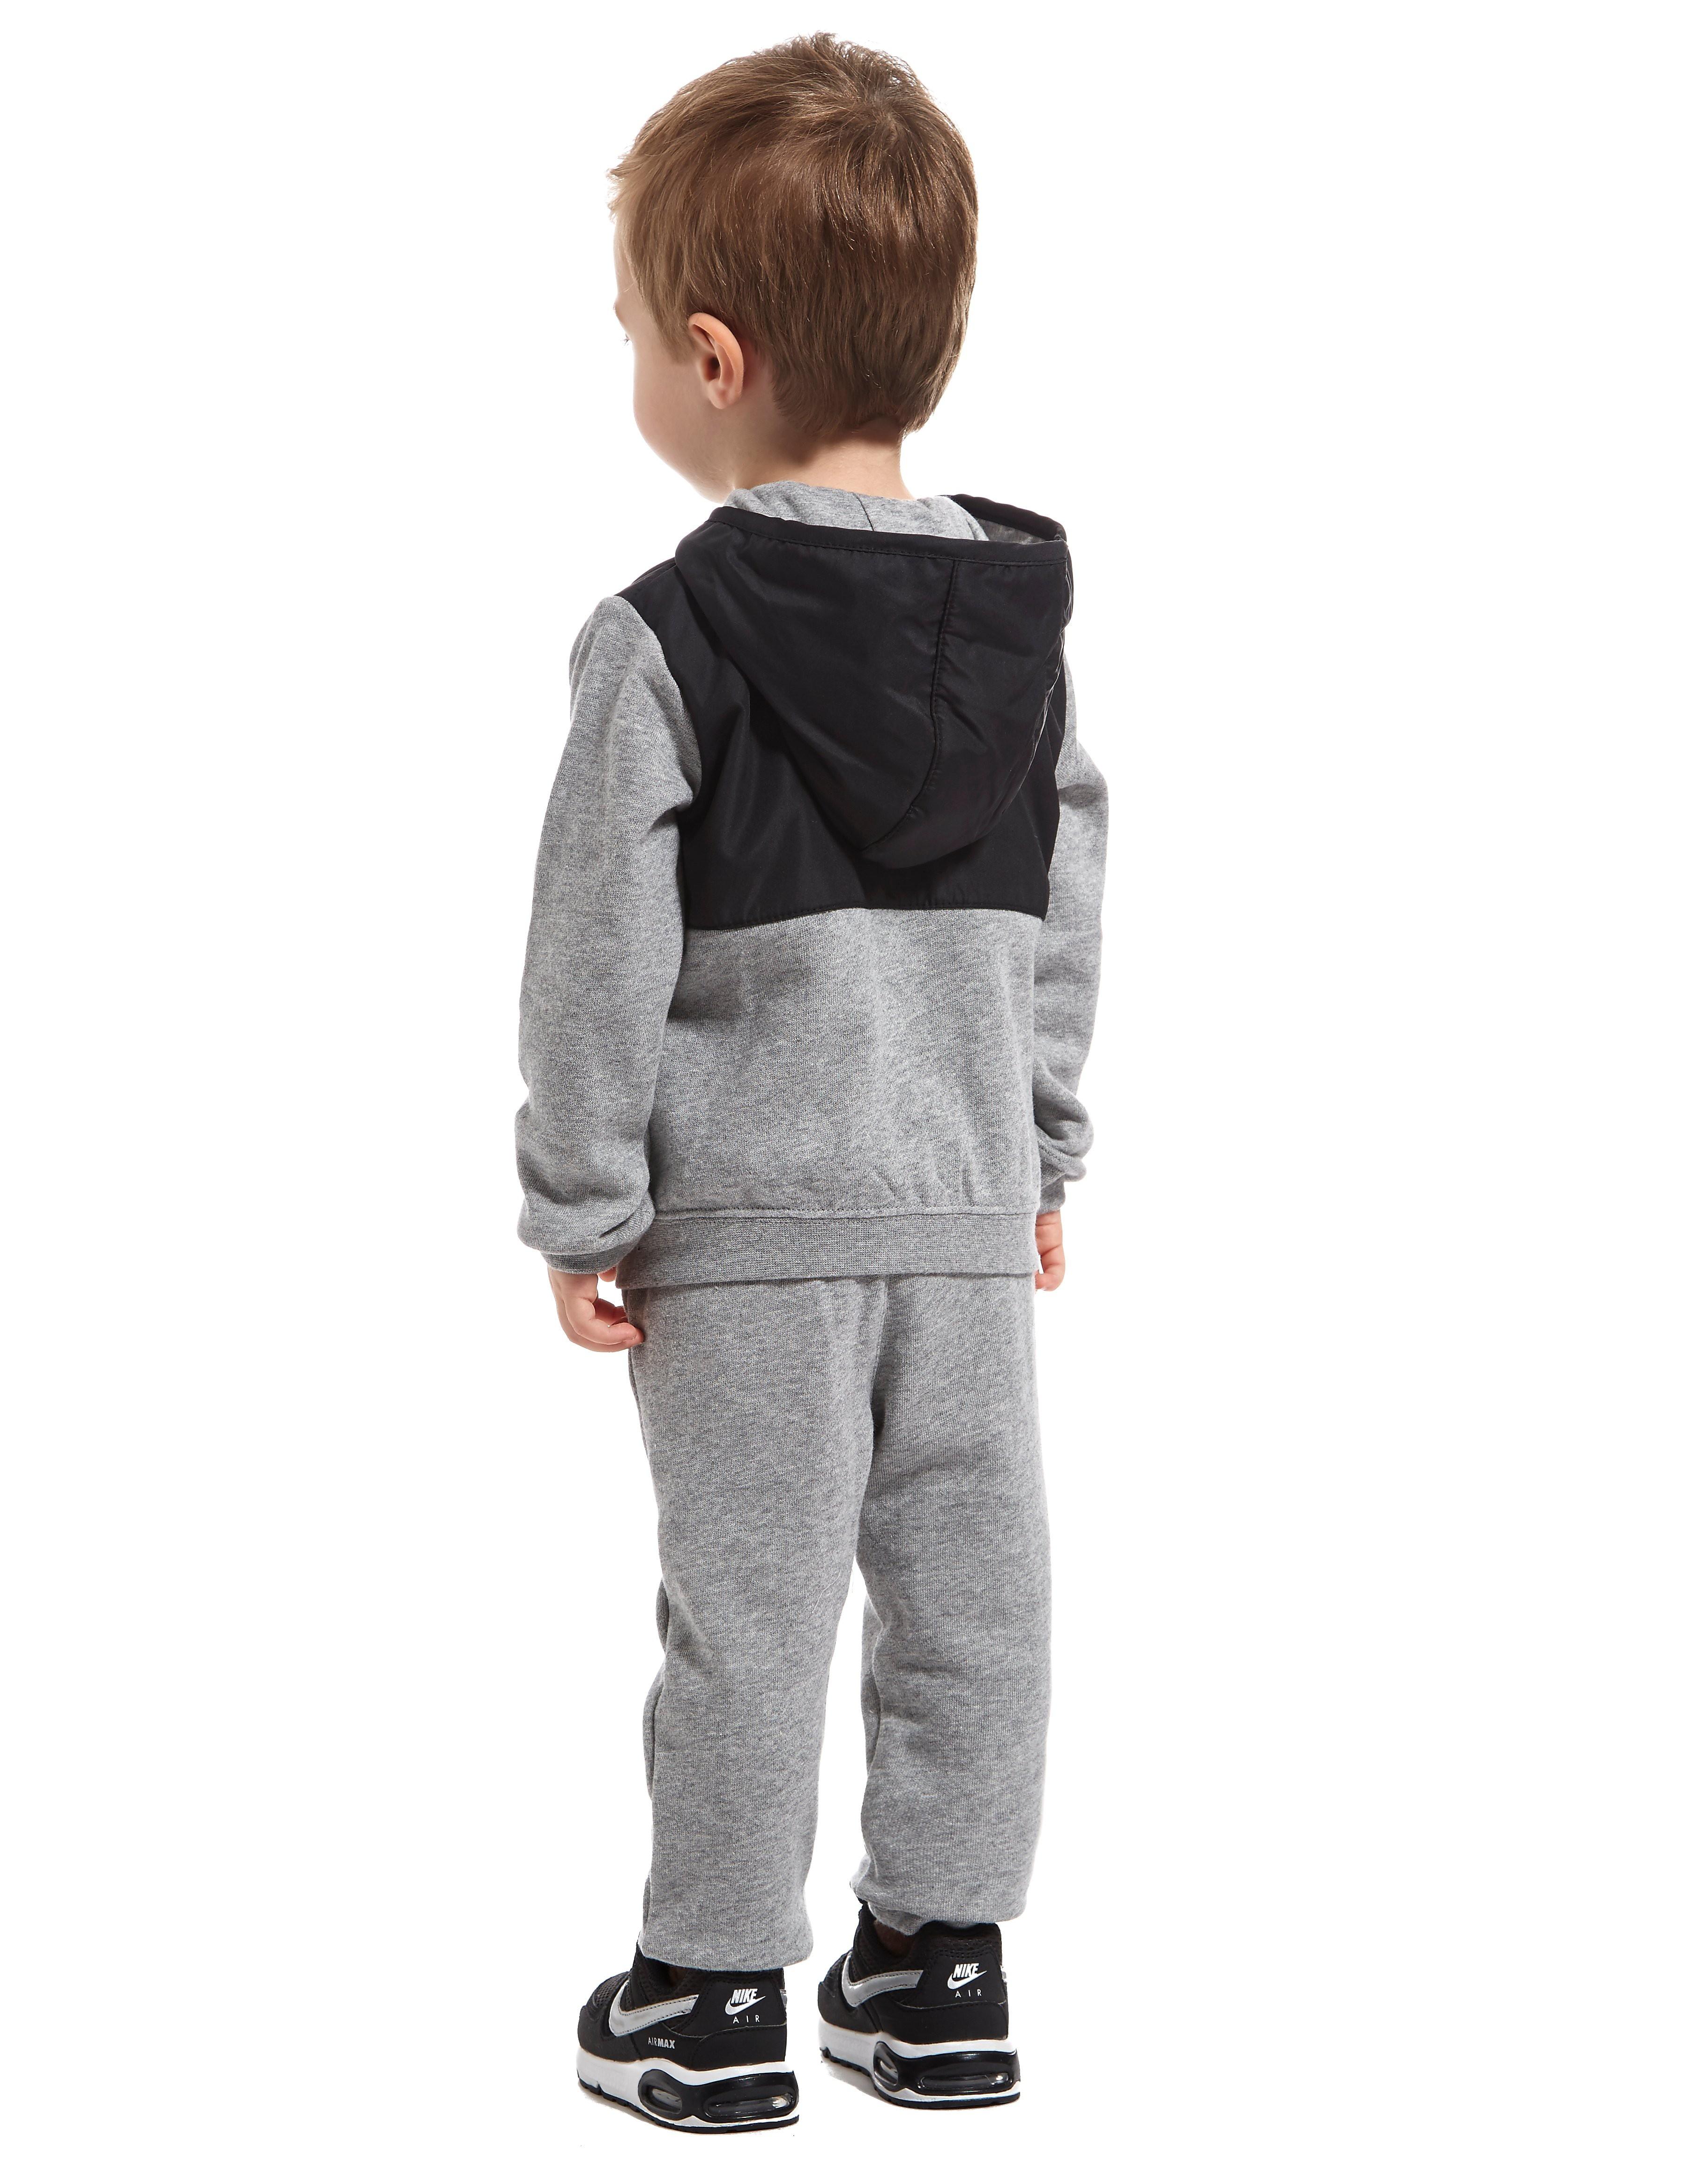 Nike Hybrid Tracksuit Baby's